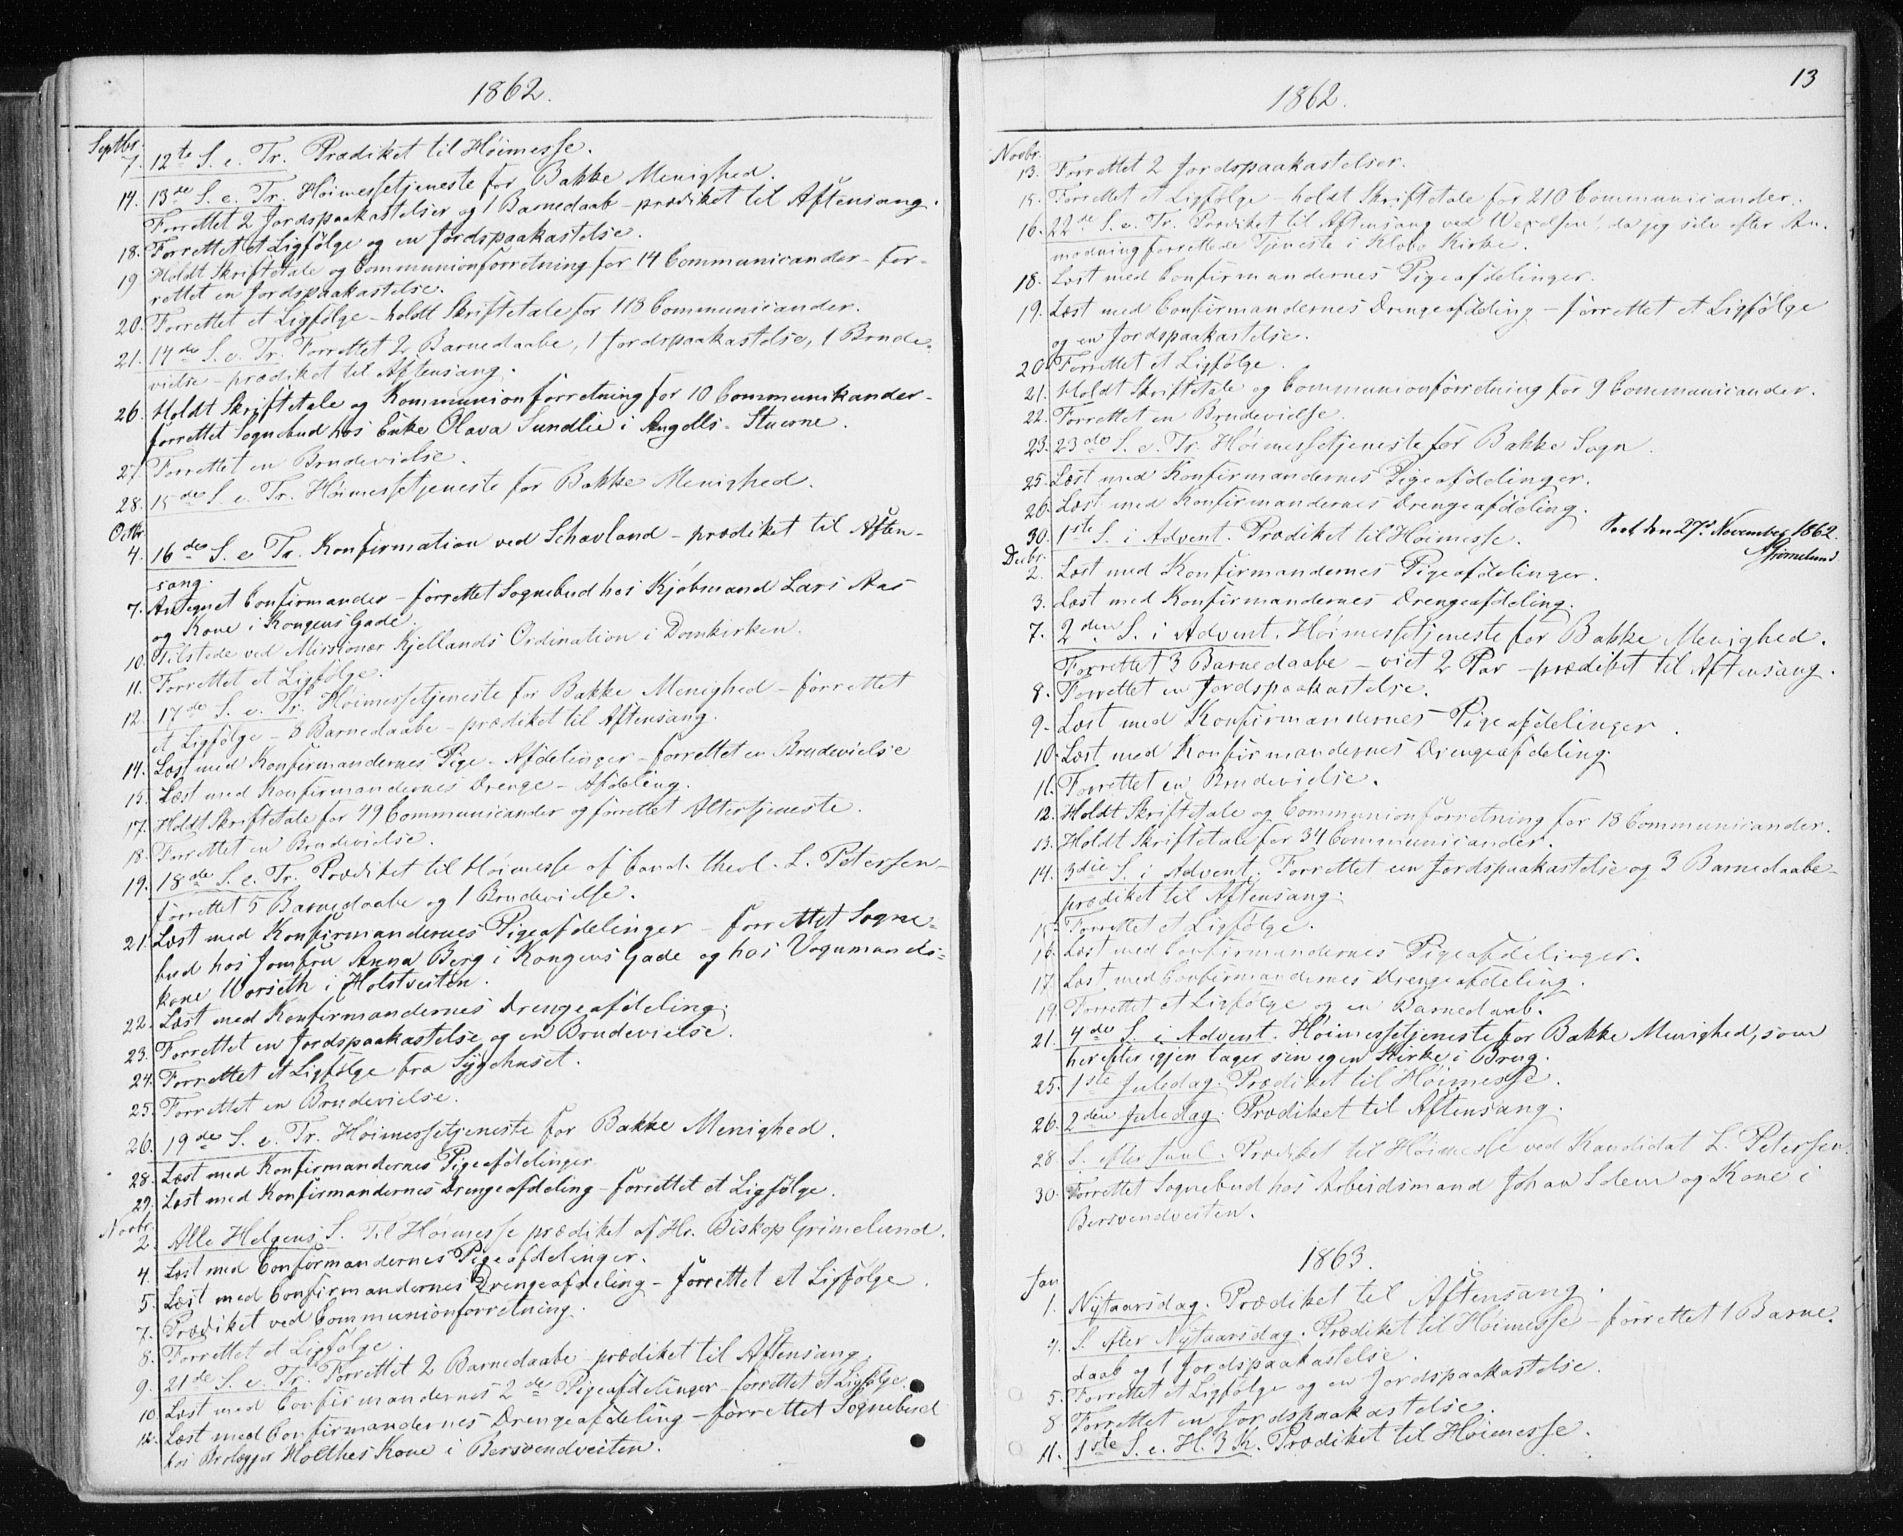 SAT, Ministerialprotokoller, klokkerbøker og fødselsregistre - Sør-Trøndelag, 601/L0053: Ministerialbok nr. 601A21, 1857-1865, s. 13